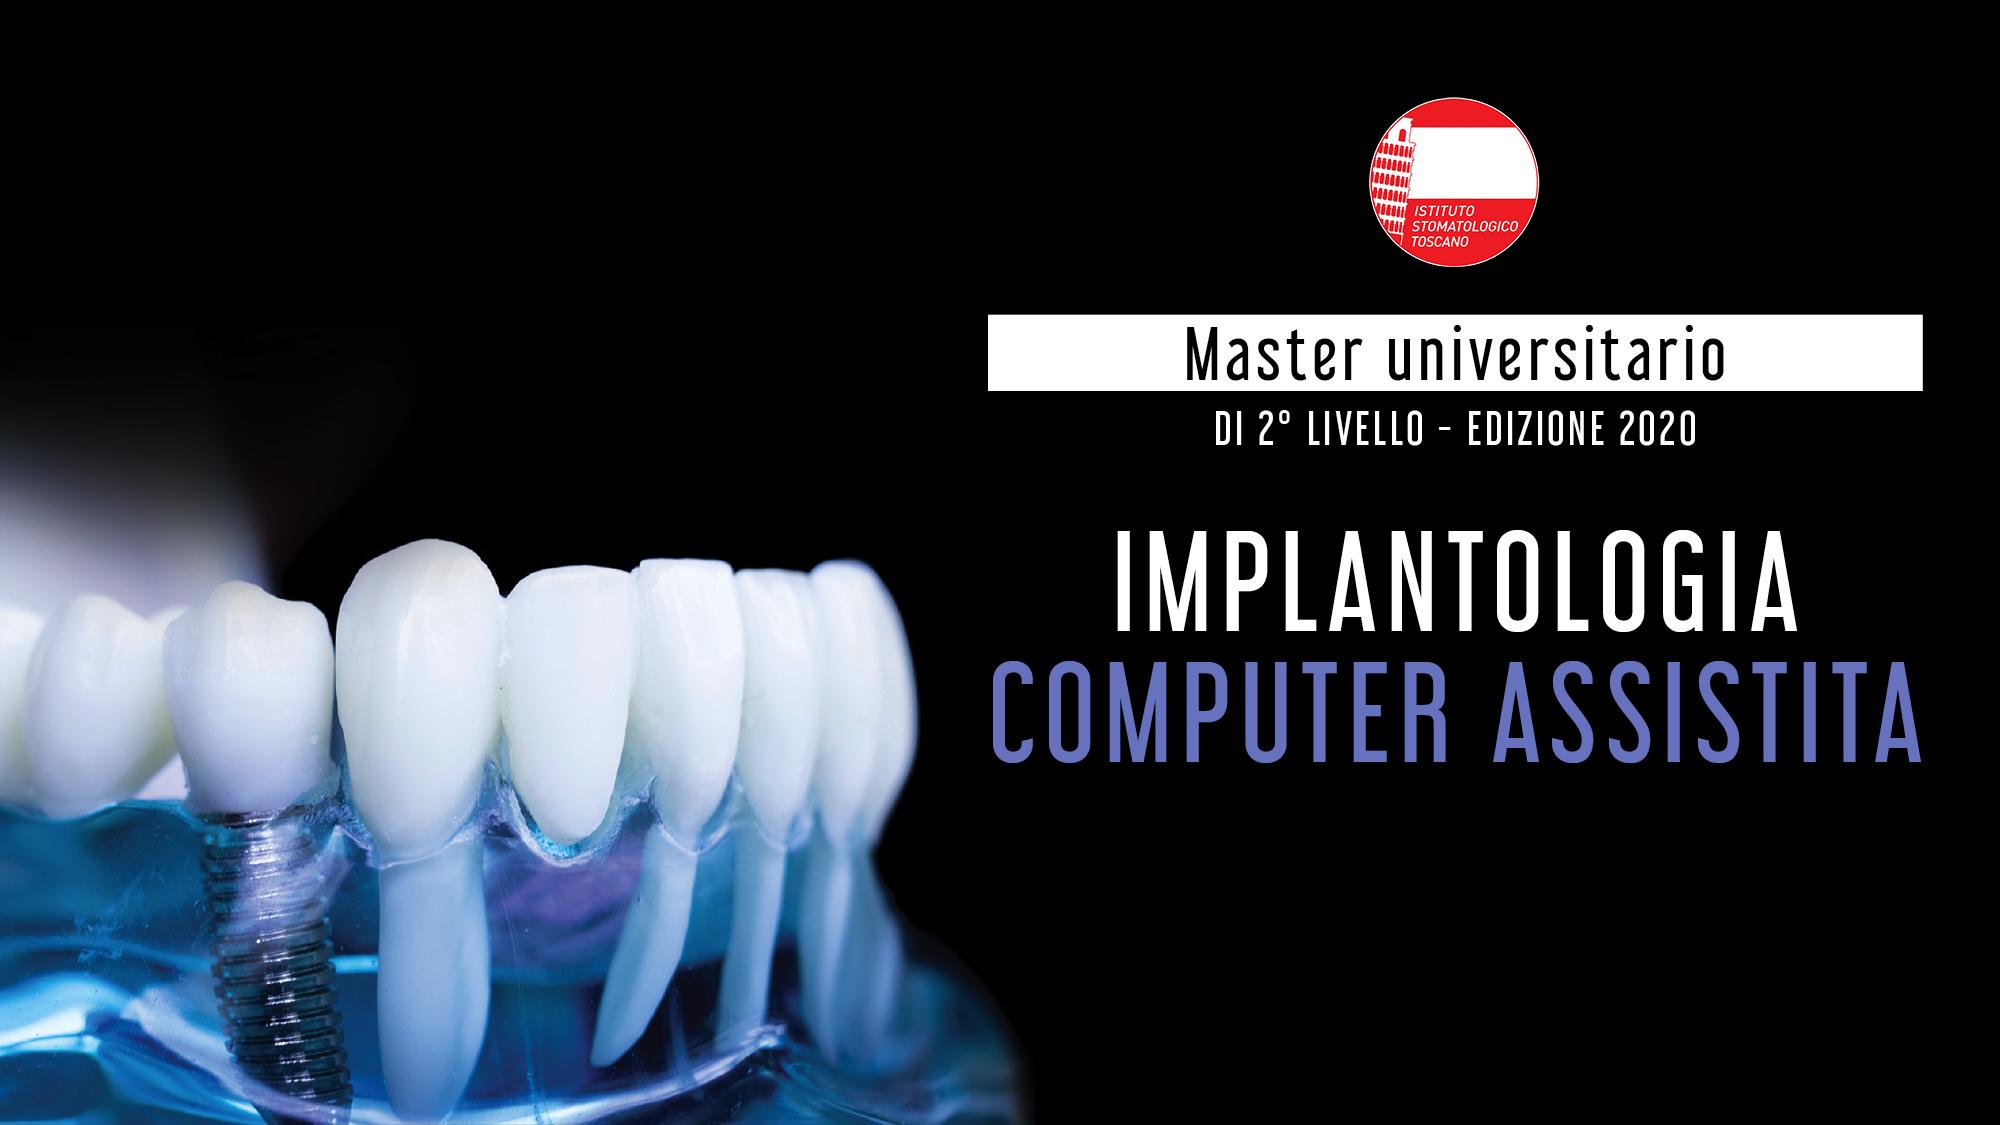 Master 2° livello in implantologia computer assistita 2019/2020